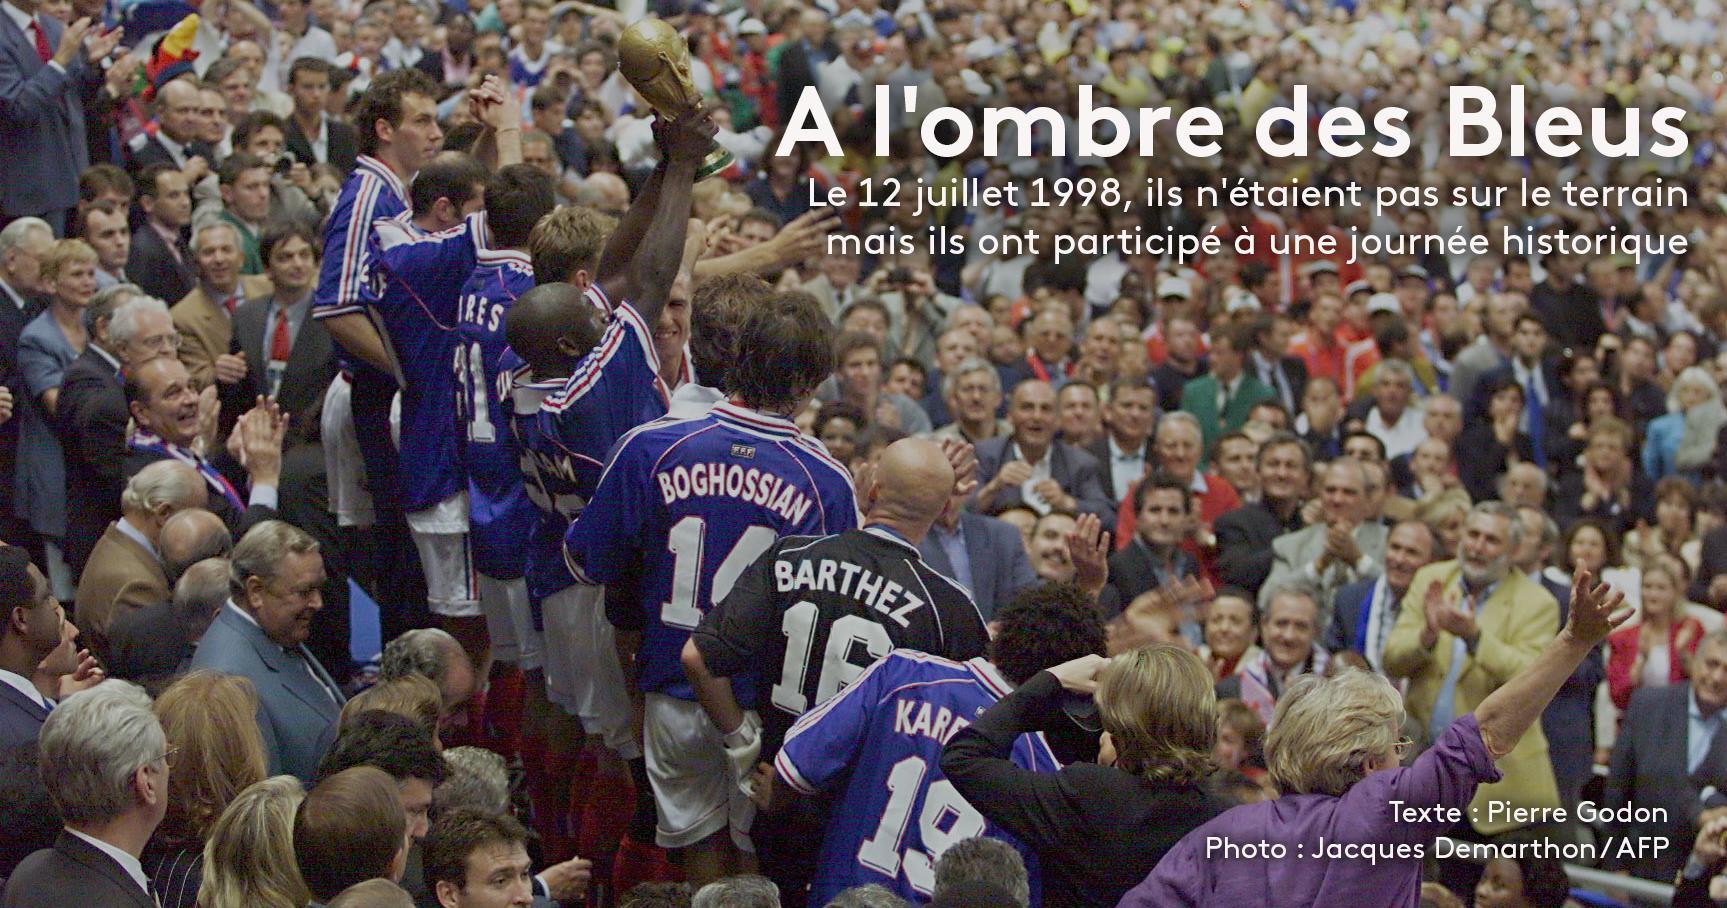 Coupe du monde ils nous racontent les coulisses du 12 juillet 1998 - Coupe du monde 1998 chanson ...